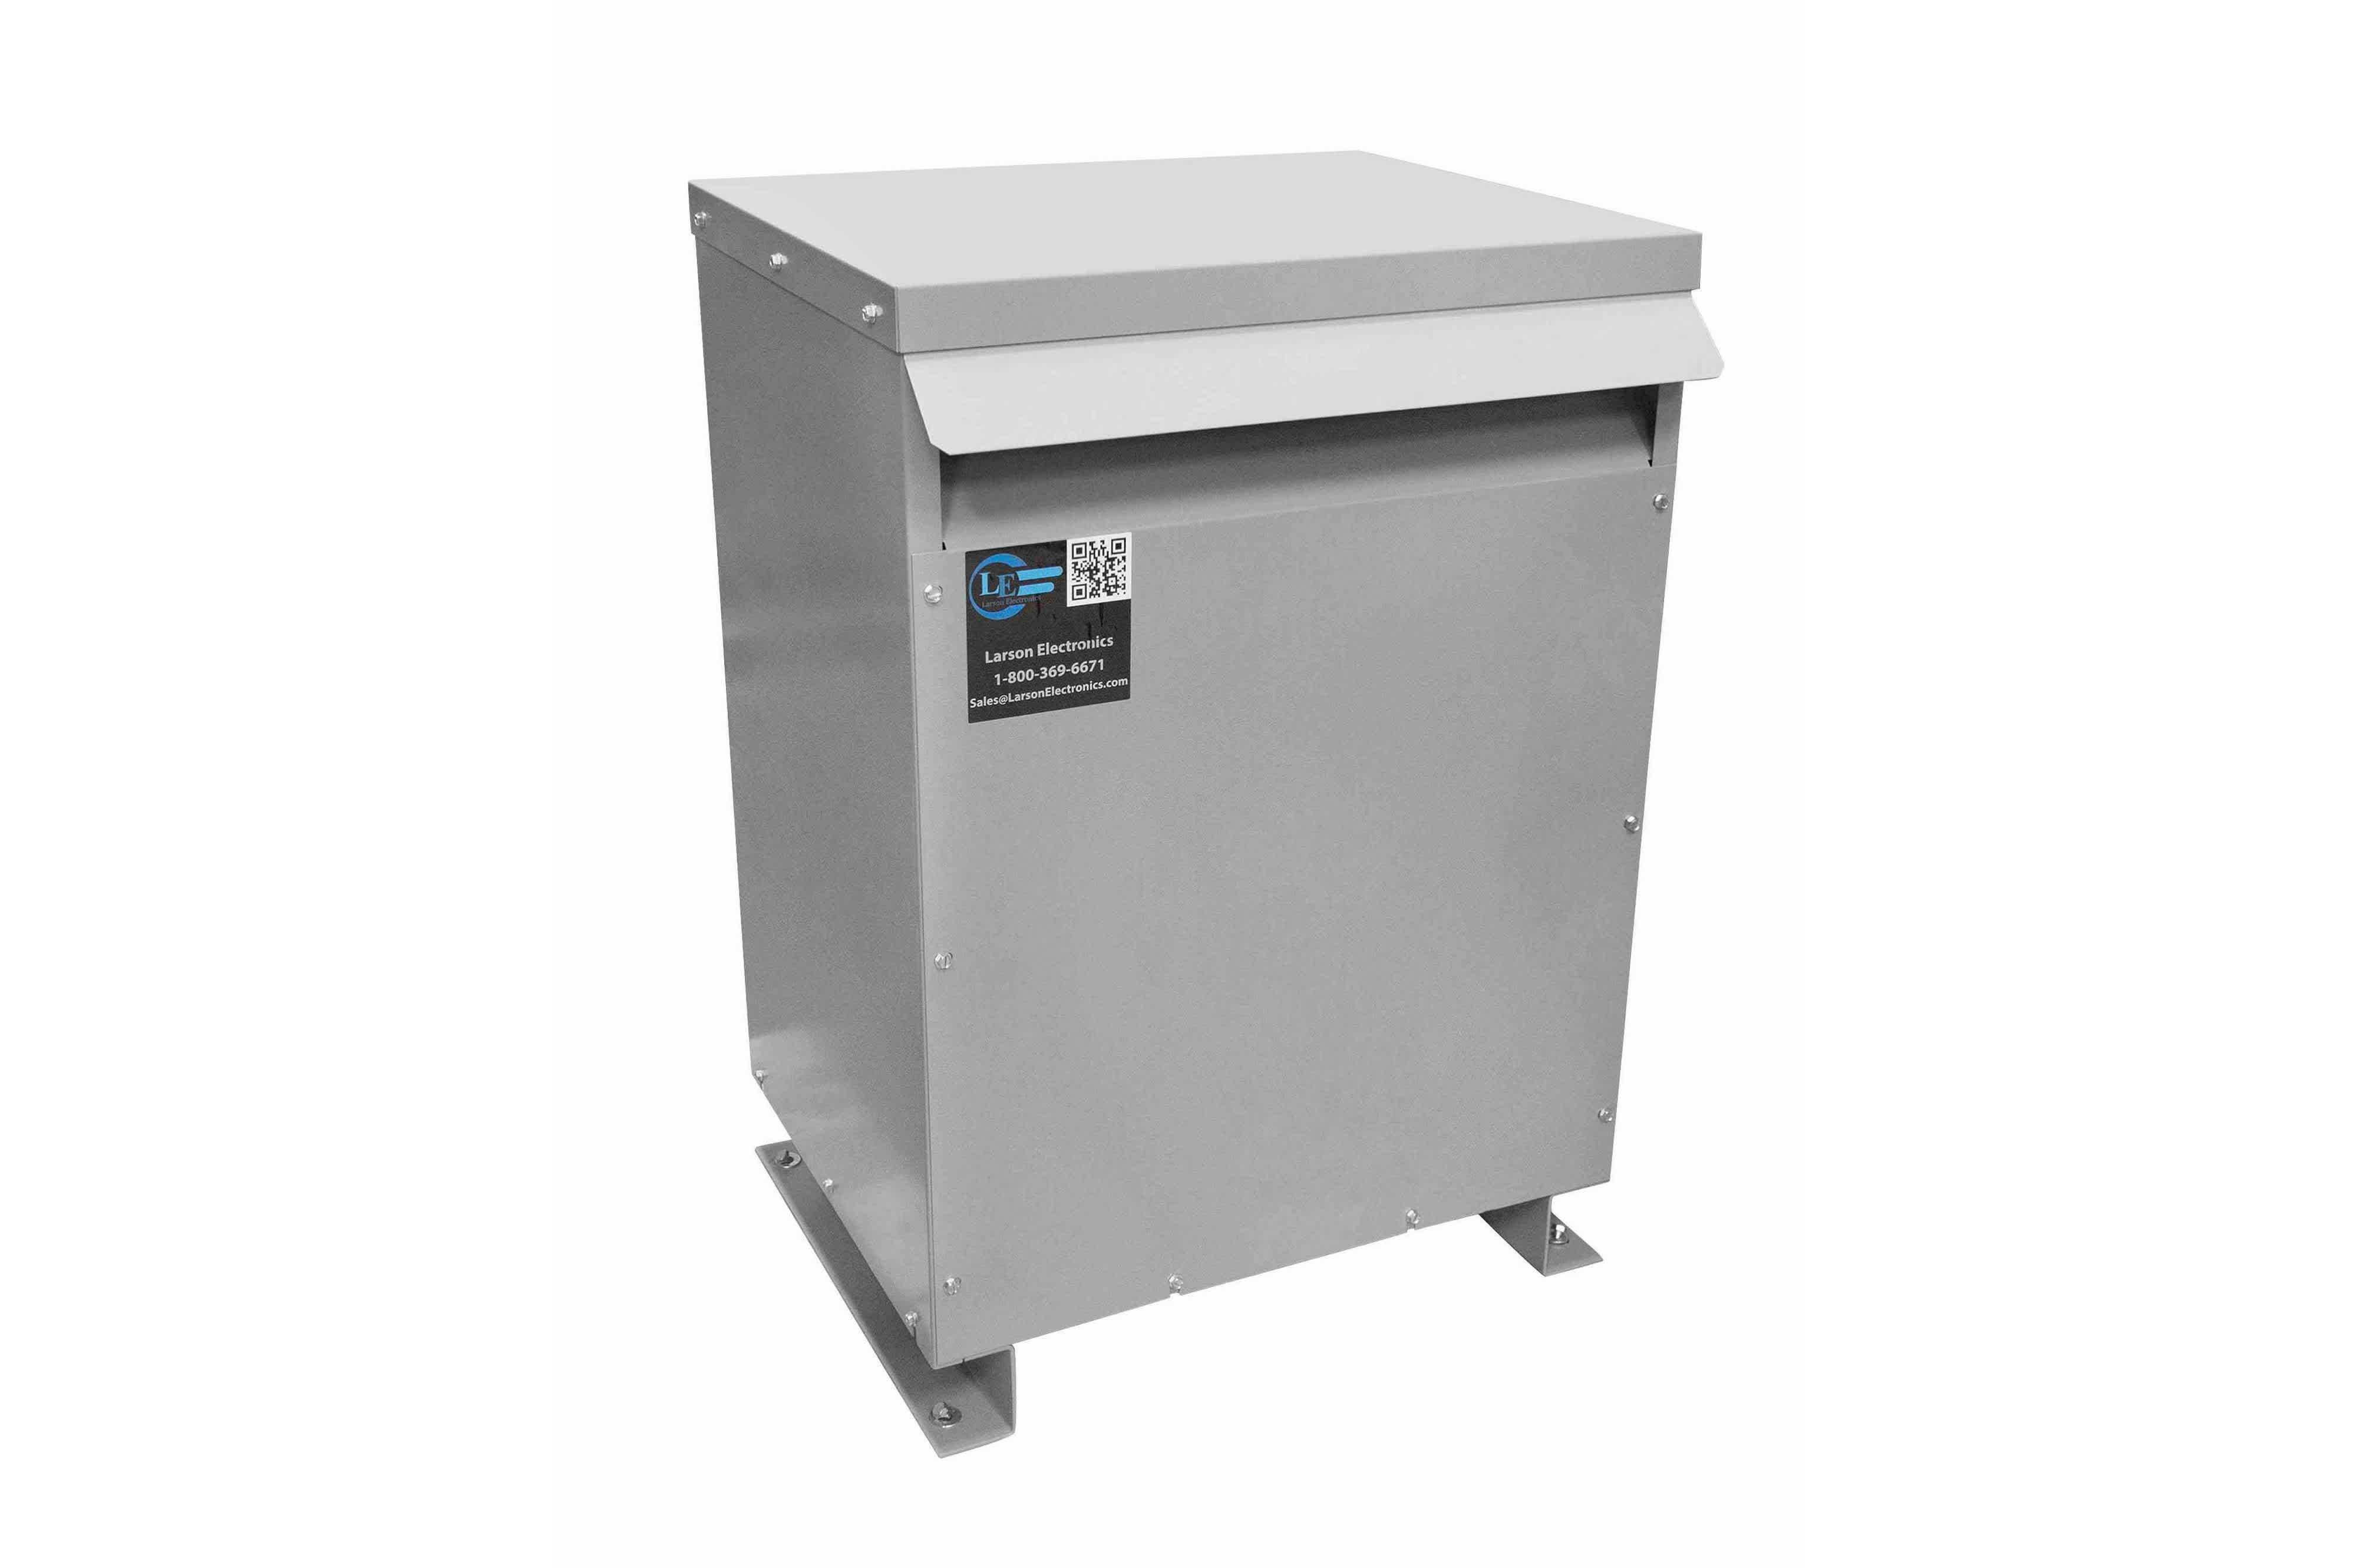 10 kVA 3PH Isolation Transformer, 220V Delta Primary, 480V Delta Secondary, N3R, Ventilated, 60 Hz